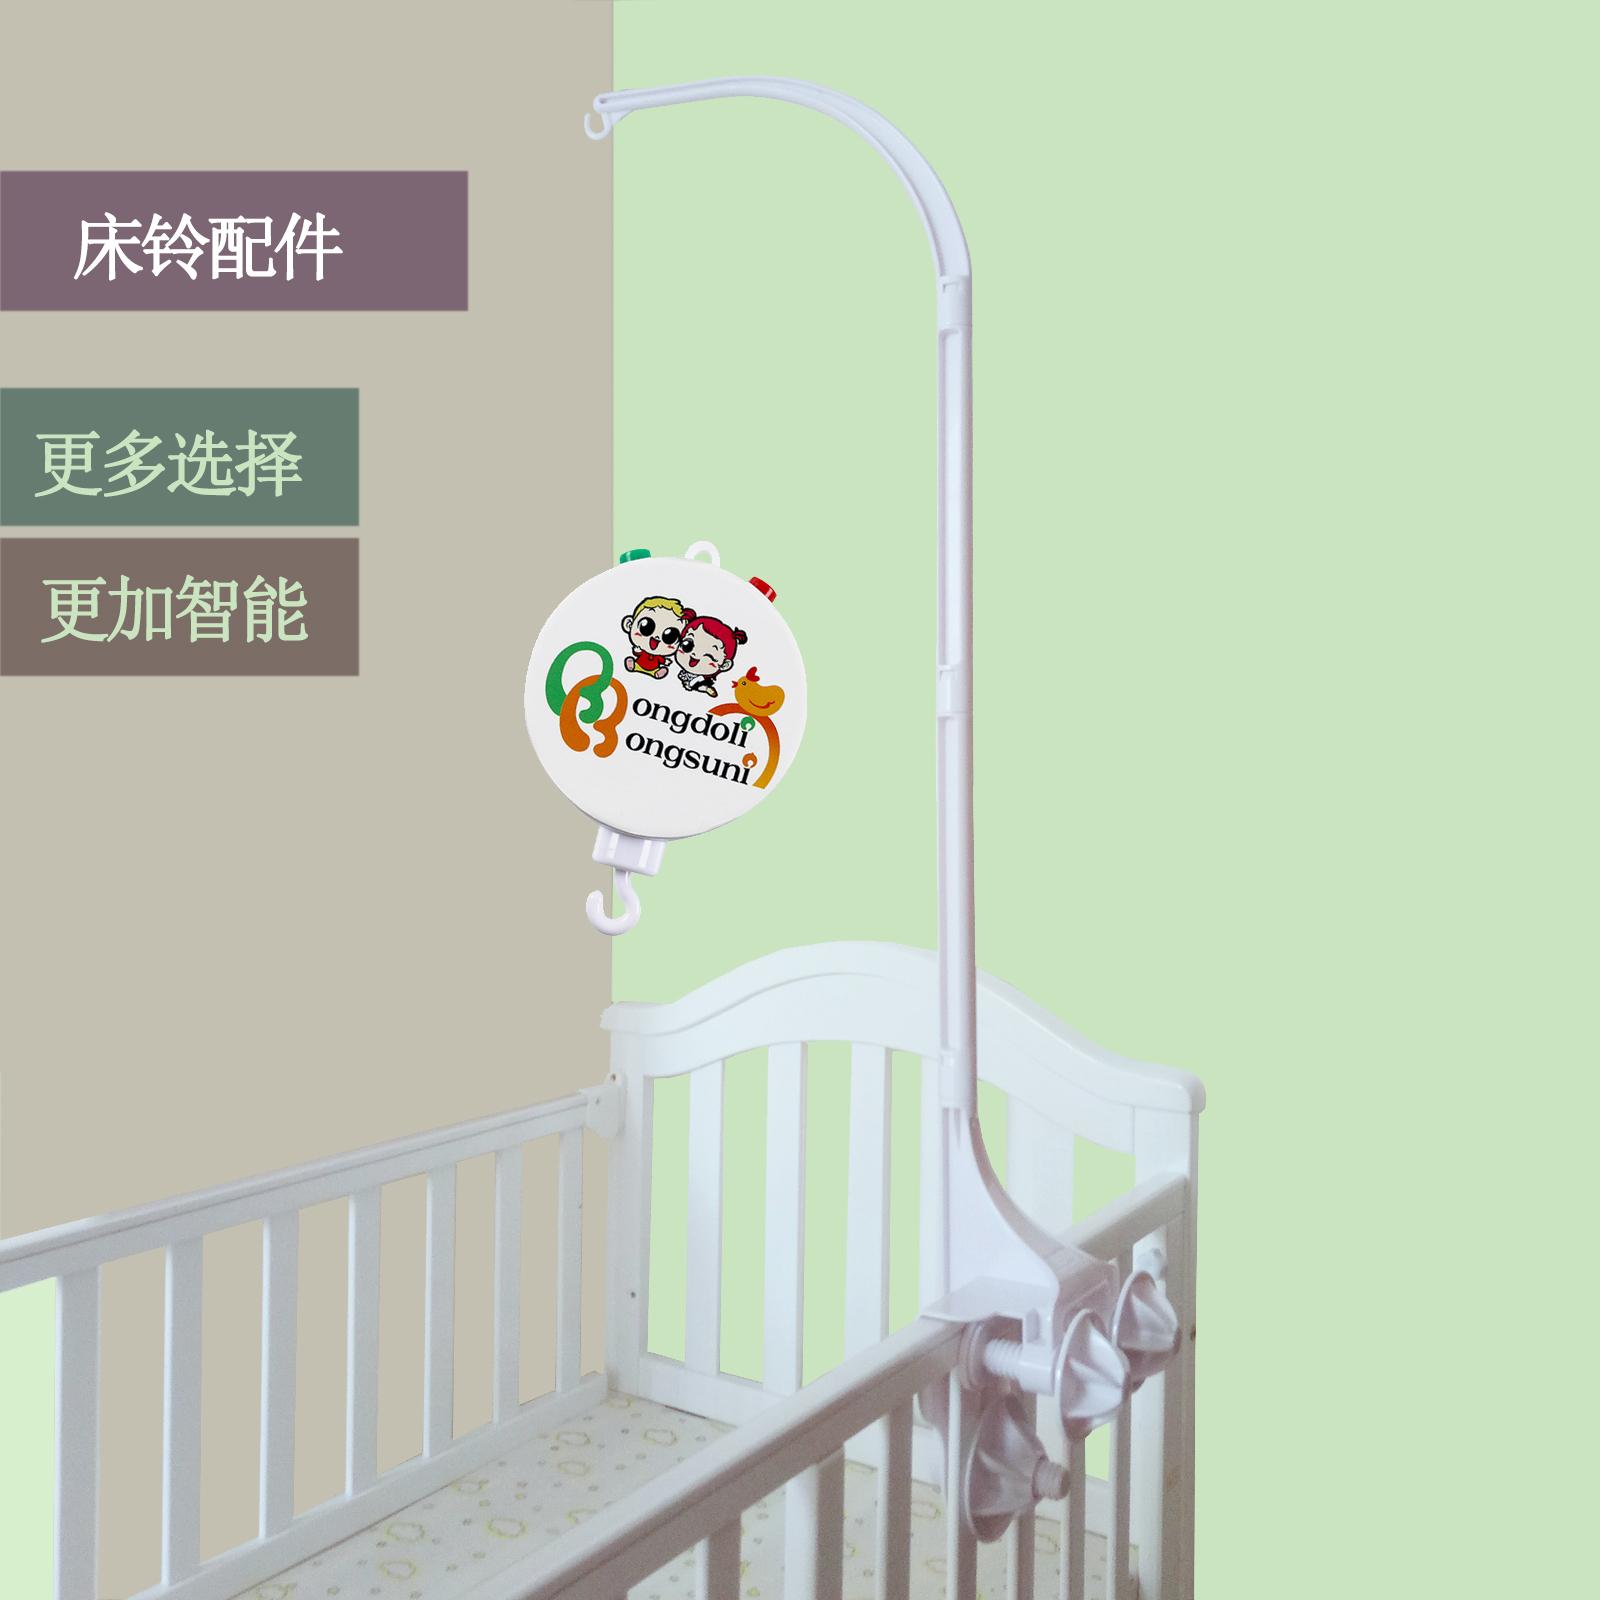 婴儿玩具配件diy音乐旋转宝宝床铃配件夹式支架五代支架音乐盒